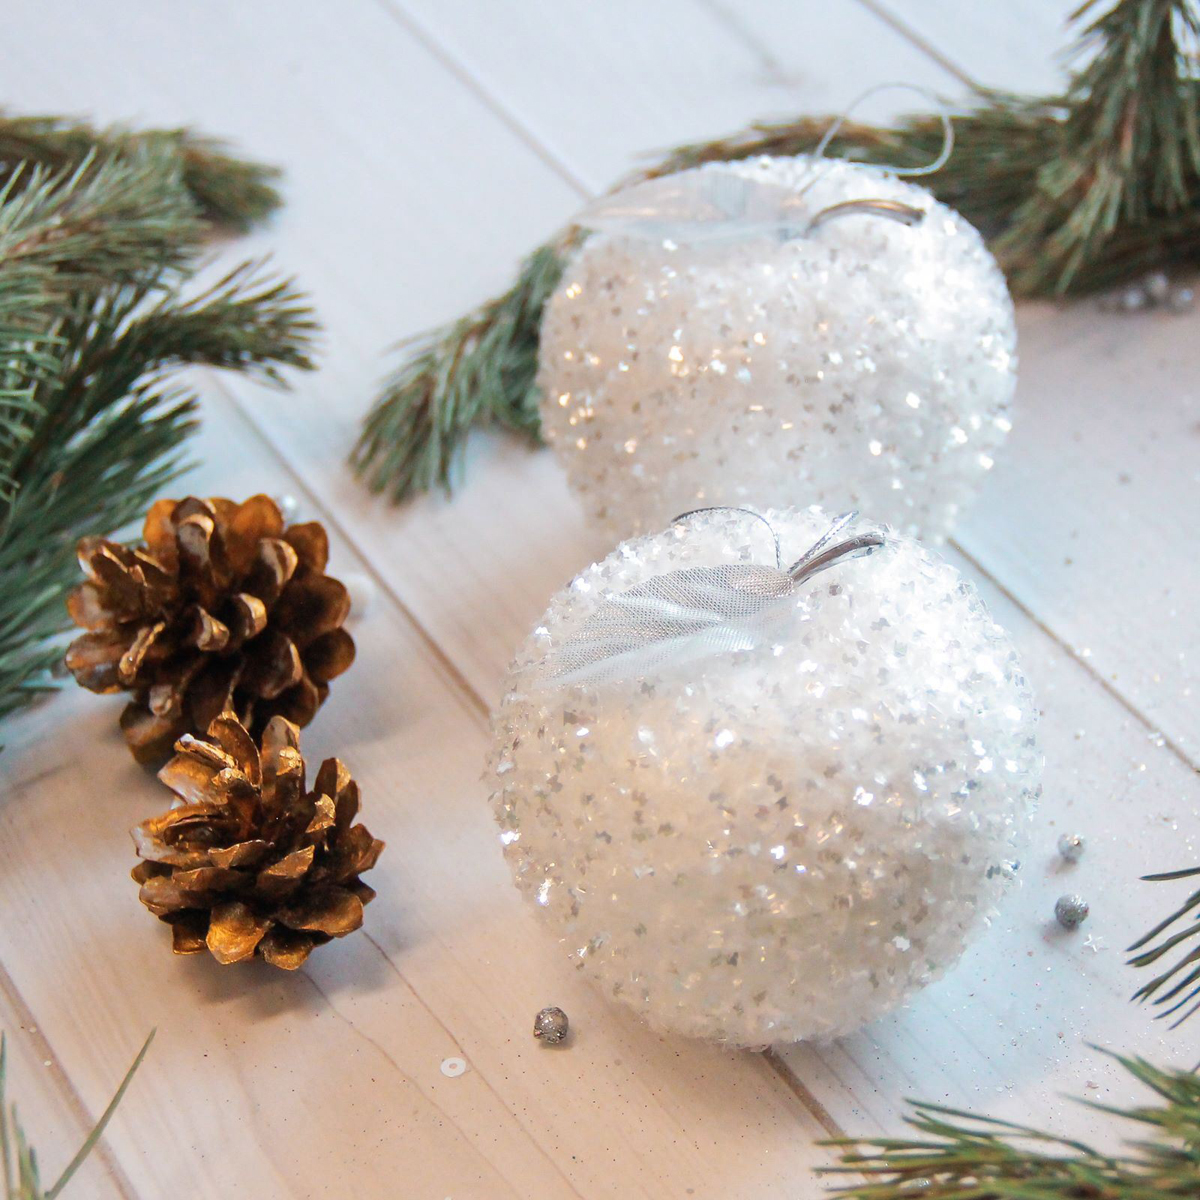 Украшение новогоднее елочное Sima-land Белое яблочко, 7 х 7,5 см, 3 шт2371314Невозможно представить нашу жизнь без праздников! Мы всегда ждём их и предвкушаем, обдумываем, как проведём памятный день, тщательно выбираем подарки и аксессуары, ведь именно они создают и поддерживают торжественный настрой.